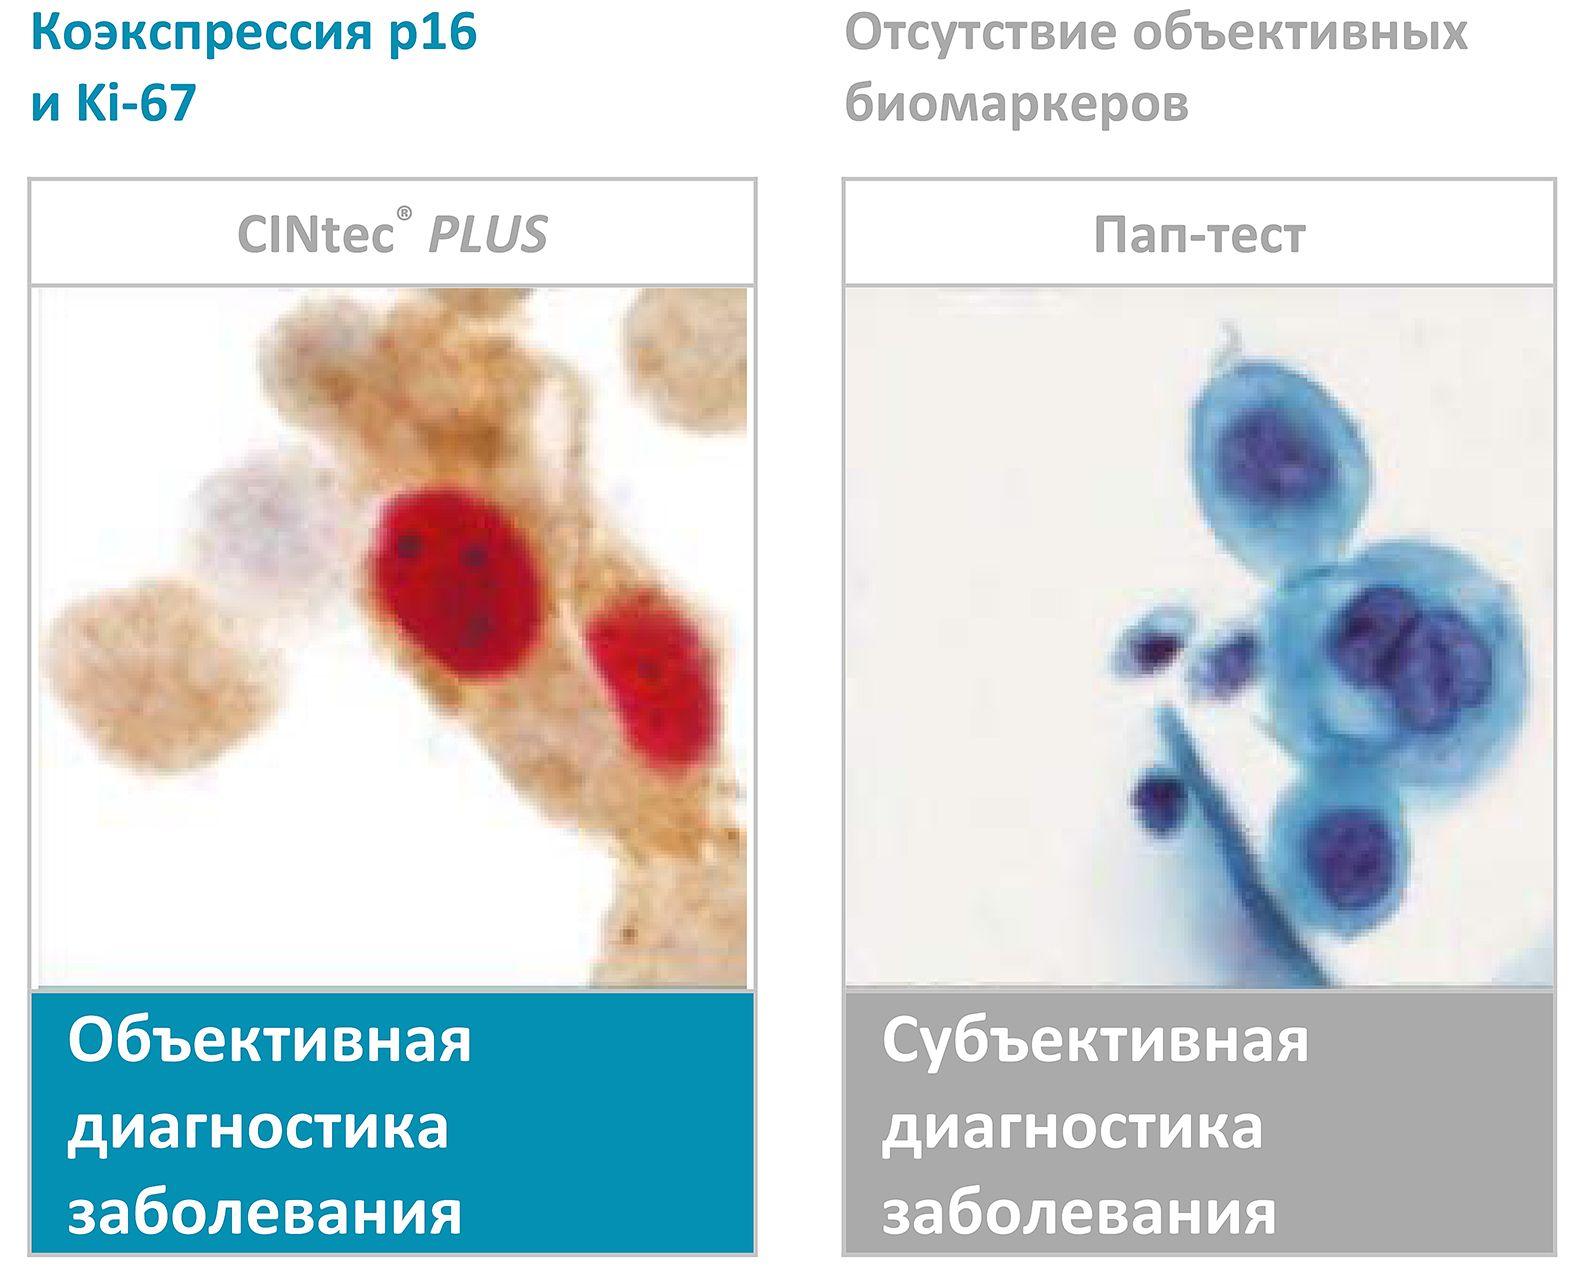 Окрашивание с помощью теста CINtec PLUS Cytology